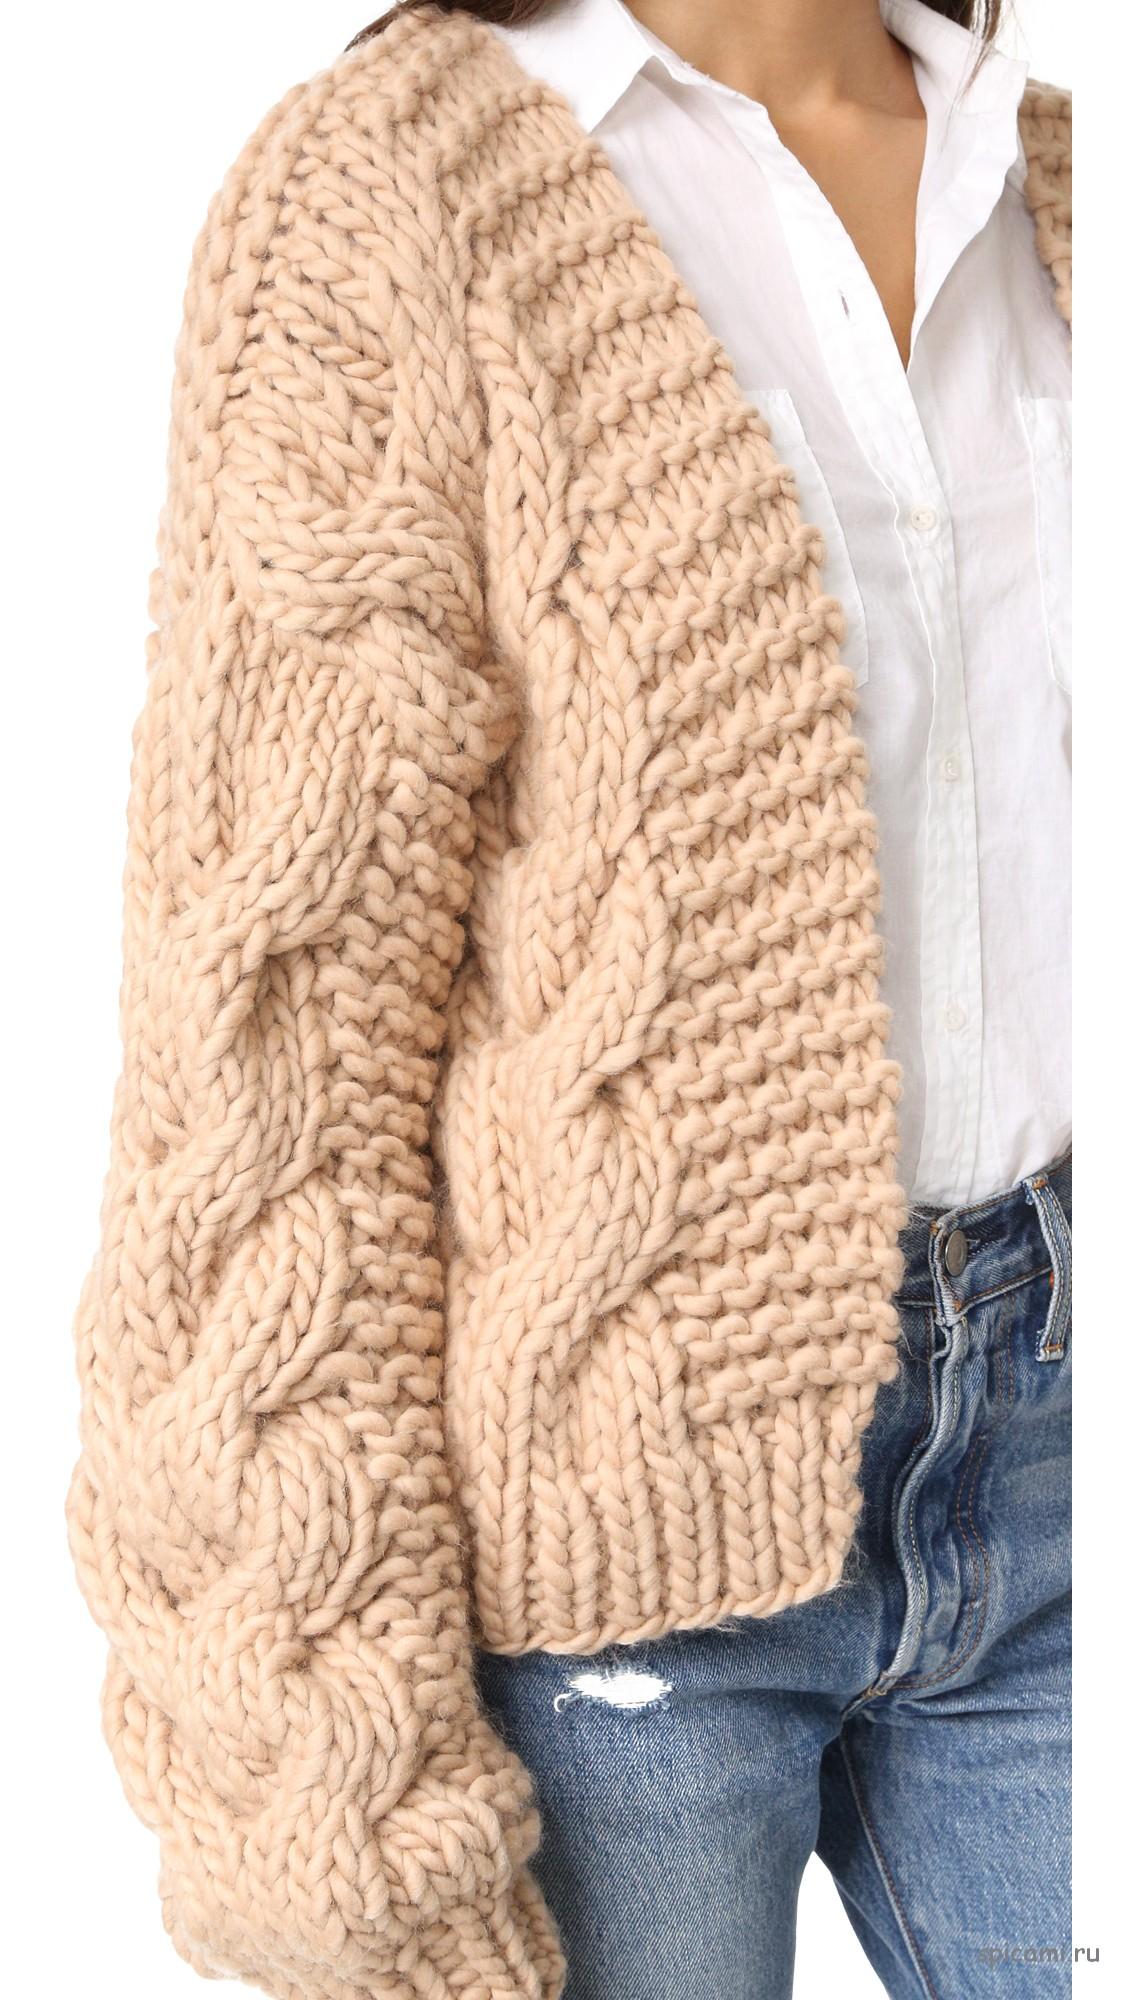 Блог о вязании схемы вязания уроки вязания для